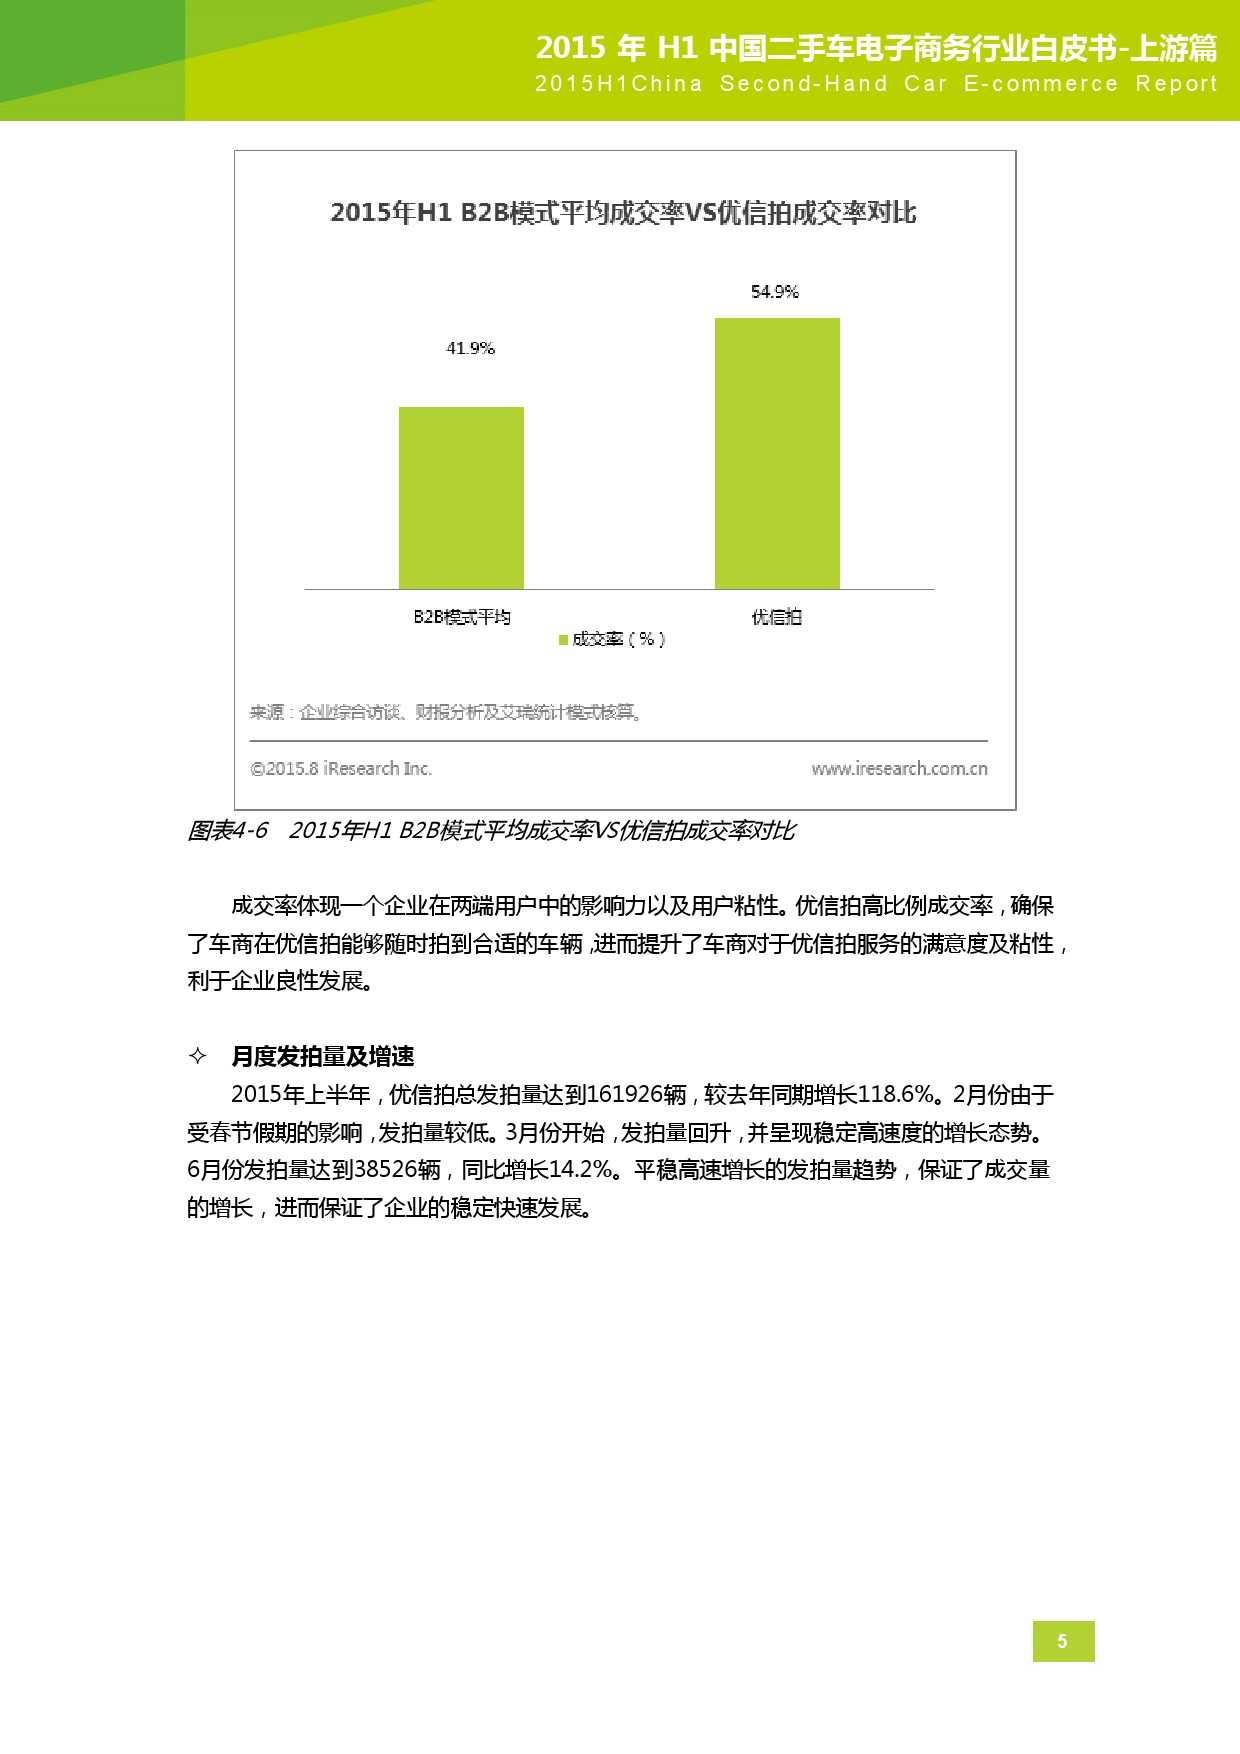 2015年中国二手车电子商务行业白皮书-上游篇_000043